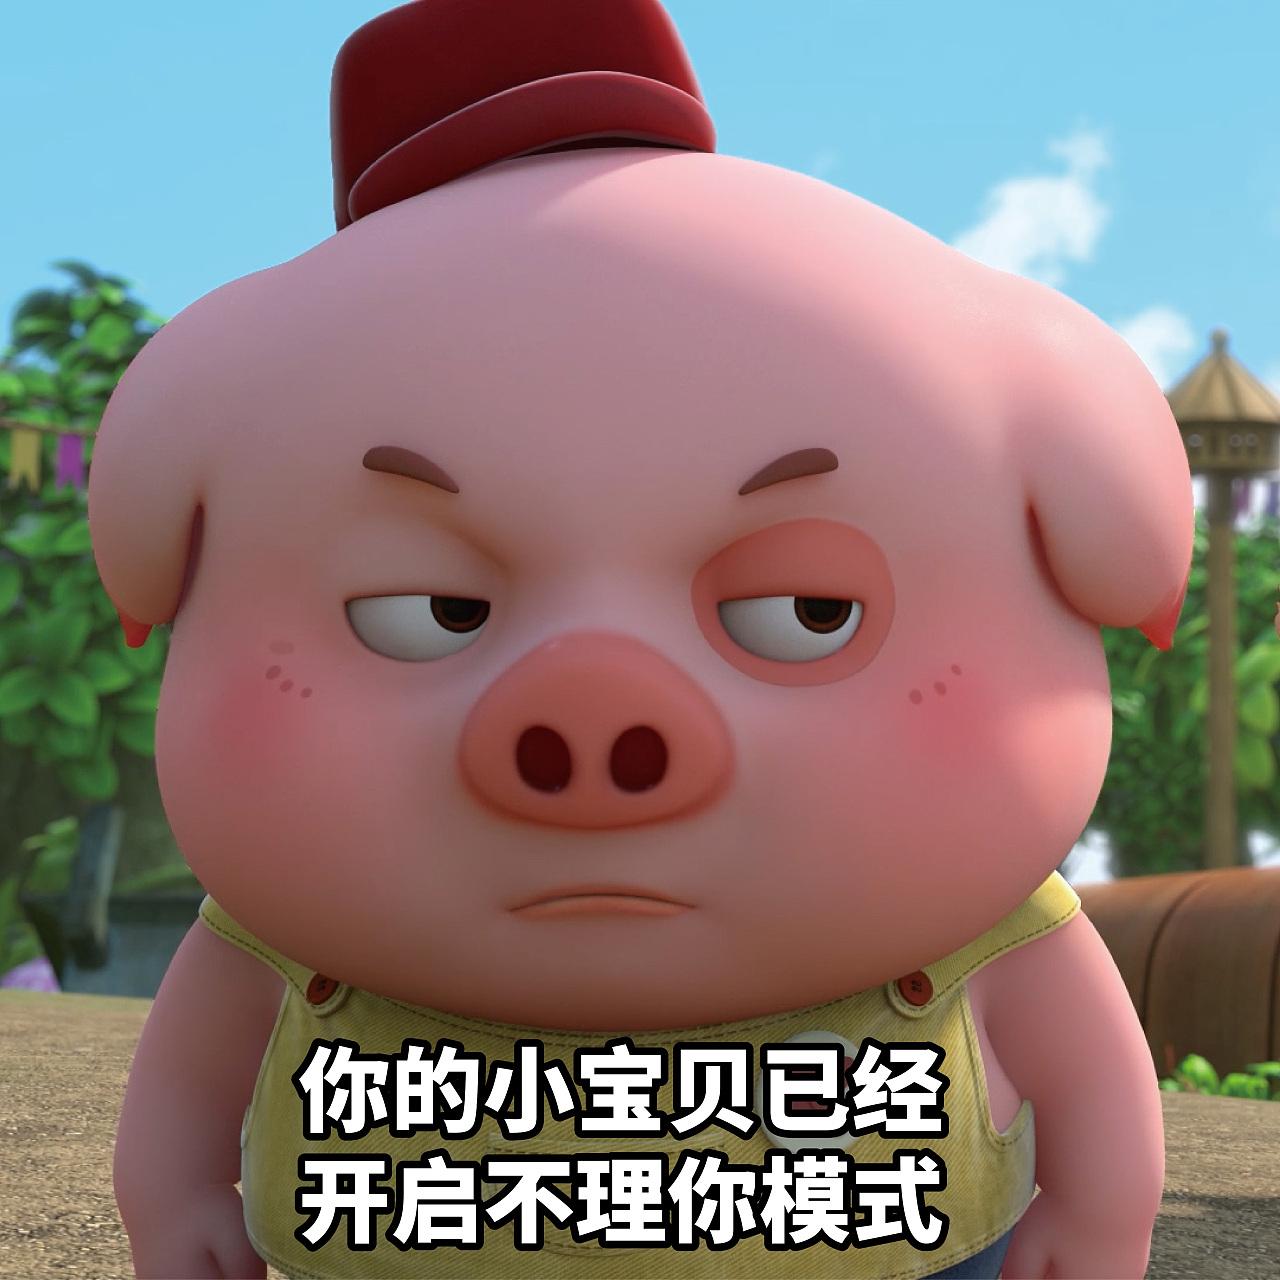 豆豆猪宝贝:你小表情已拒收你壁纸,请点赞获彩虹六号表情头像包信息图片